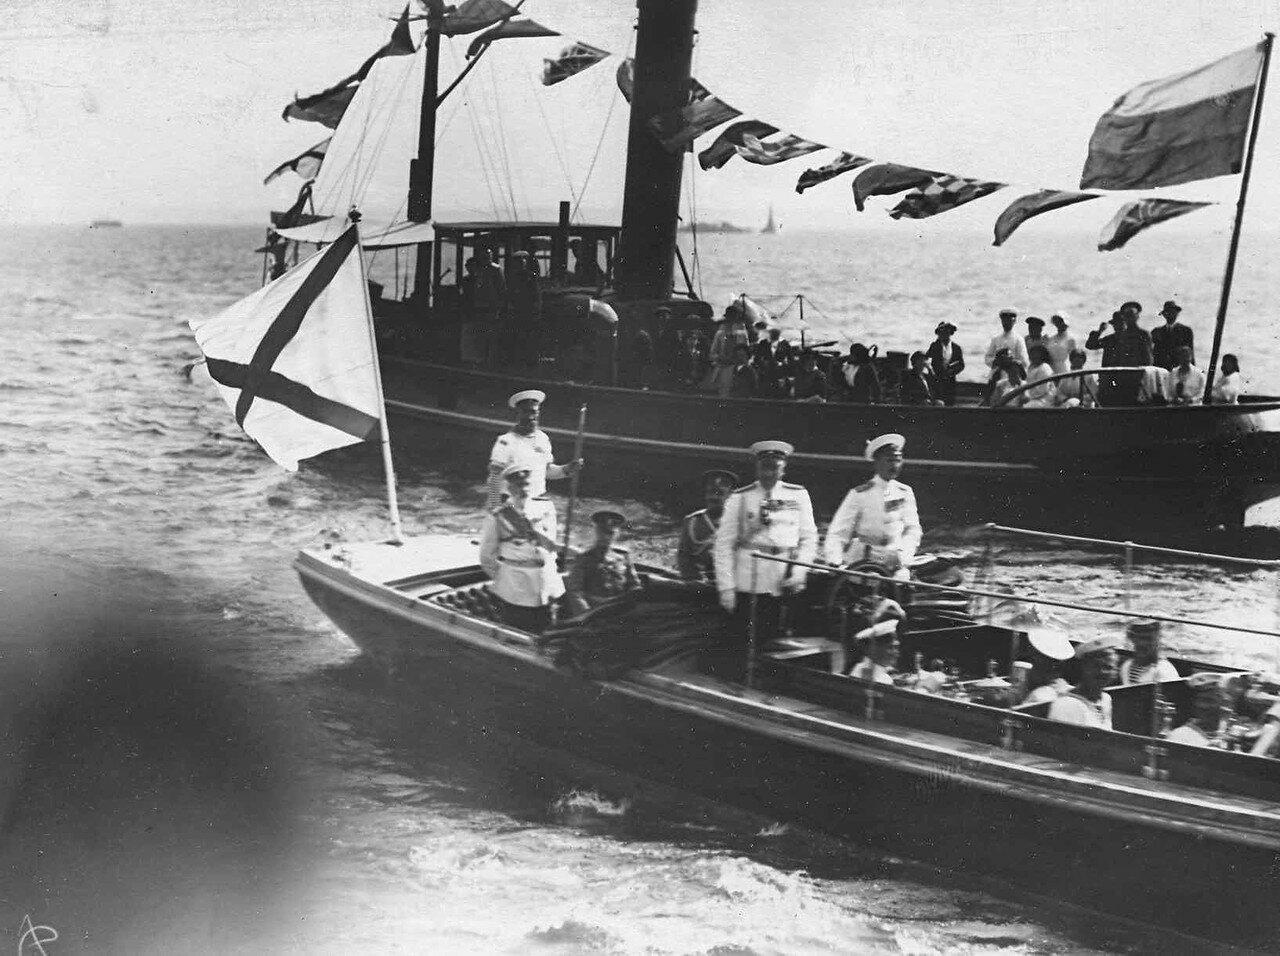 12. Великий князь Георгий Михайлович и сопровождающие его офицеры на военном катере «Петергоф» направляются к броненосцу «Франция». 7 июля 1914 г